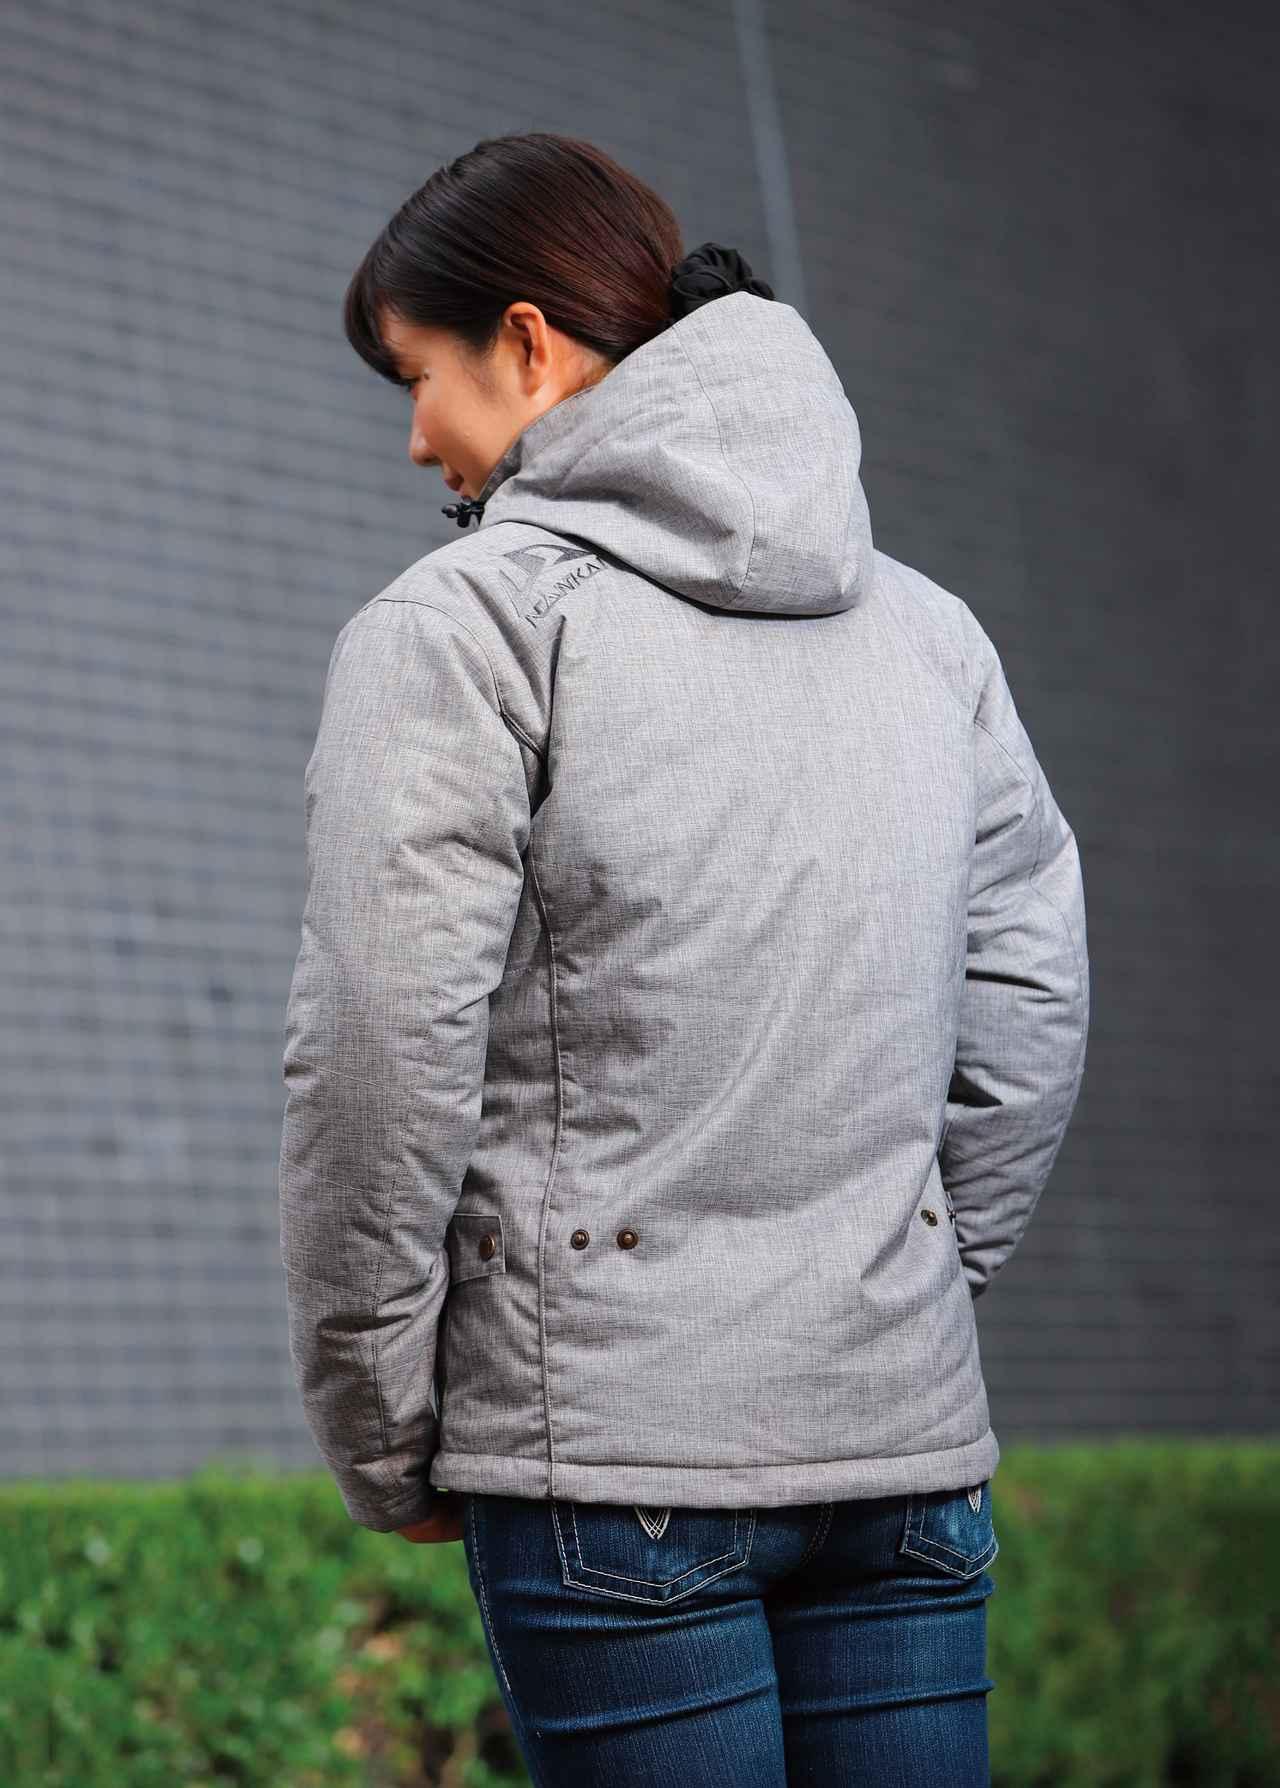 画像1: カジュアルパーカージャケットのデザインは秀逸